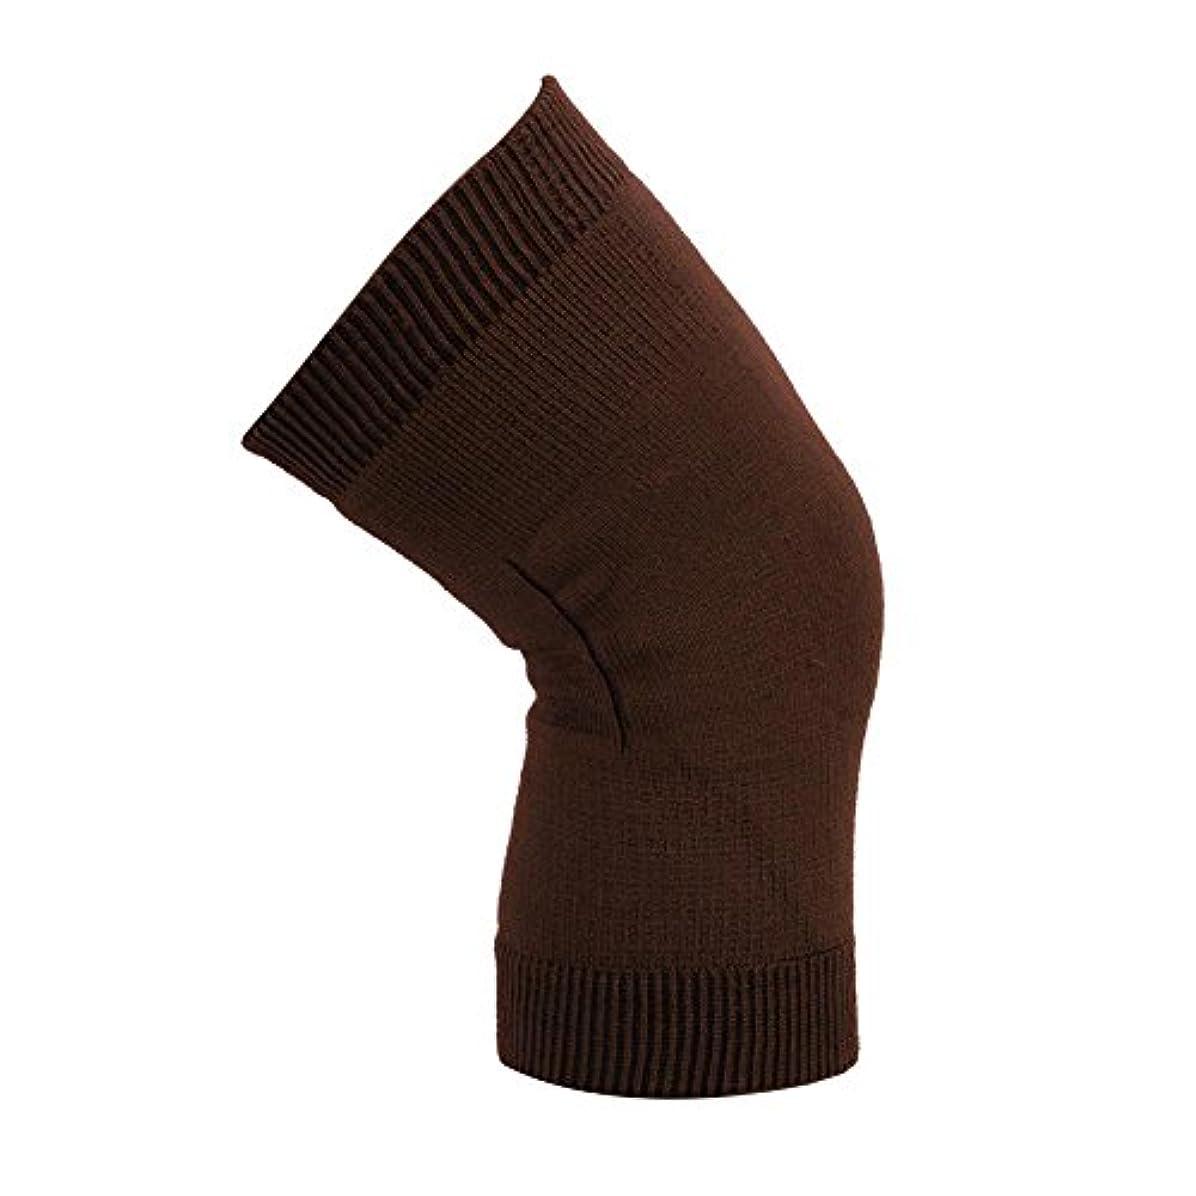 定常くさび輪郭膝関節のサポート - 膝のサポート、大人の膝パッドのサポートダブル膝のサポート - 膝セットロッククライミングジョギングバレーボール乗馬膝の負傷者男性と女性1ペア(コーヒー)